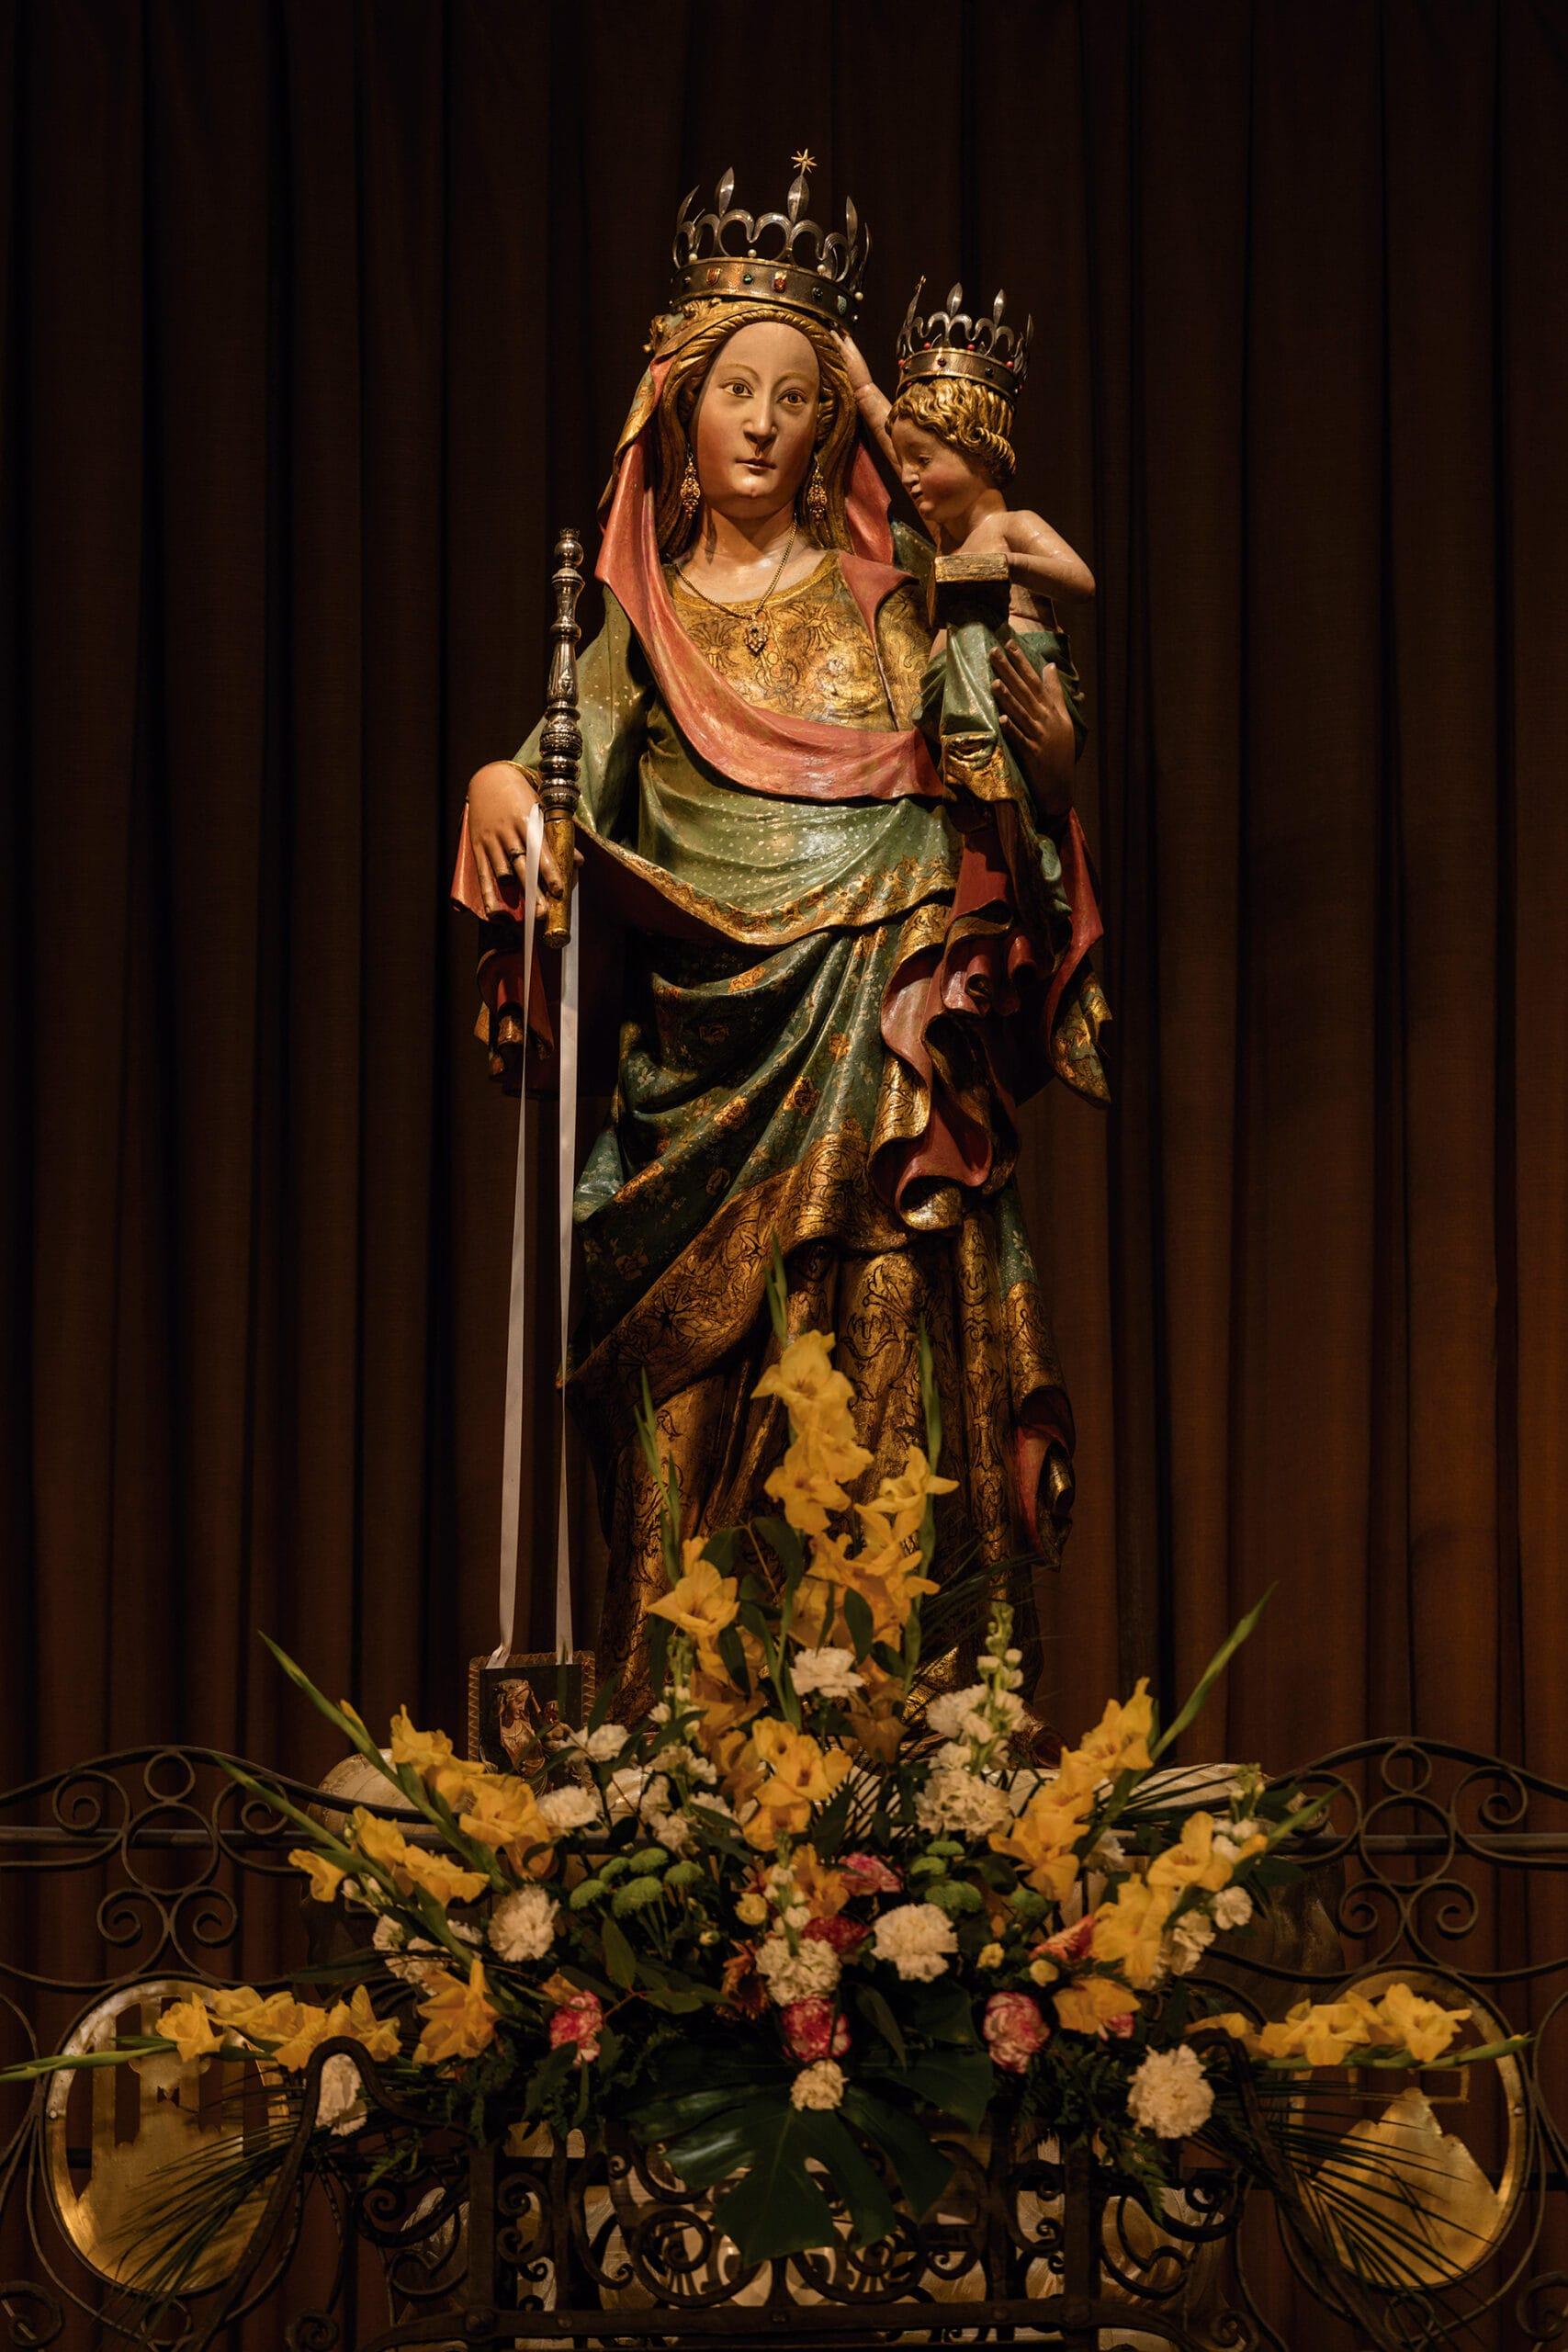 El mirall de Montblanc. Imatge de la Mare de déu de la Serra.